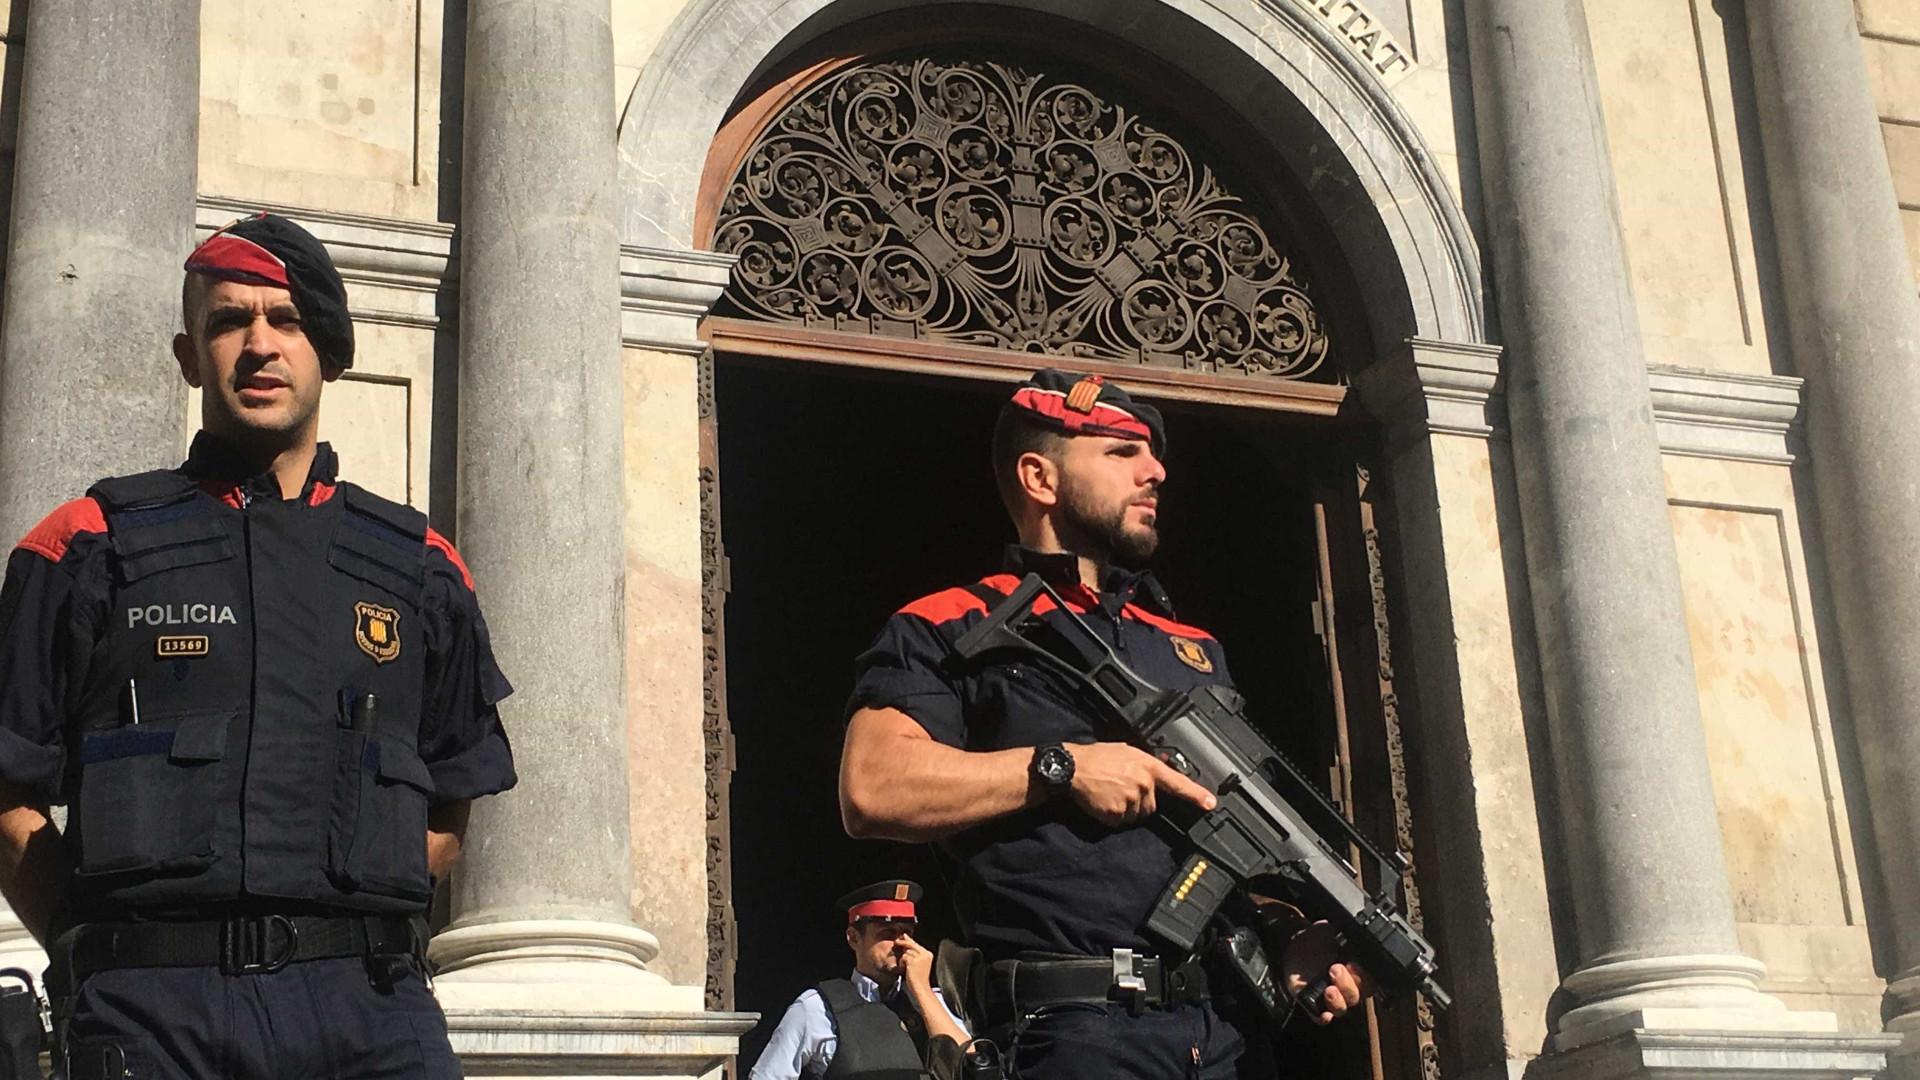 Após violência em referendo, prefeita de Barcelona pede renúncia de premiê espanhol